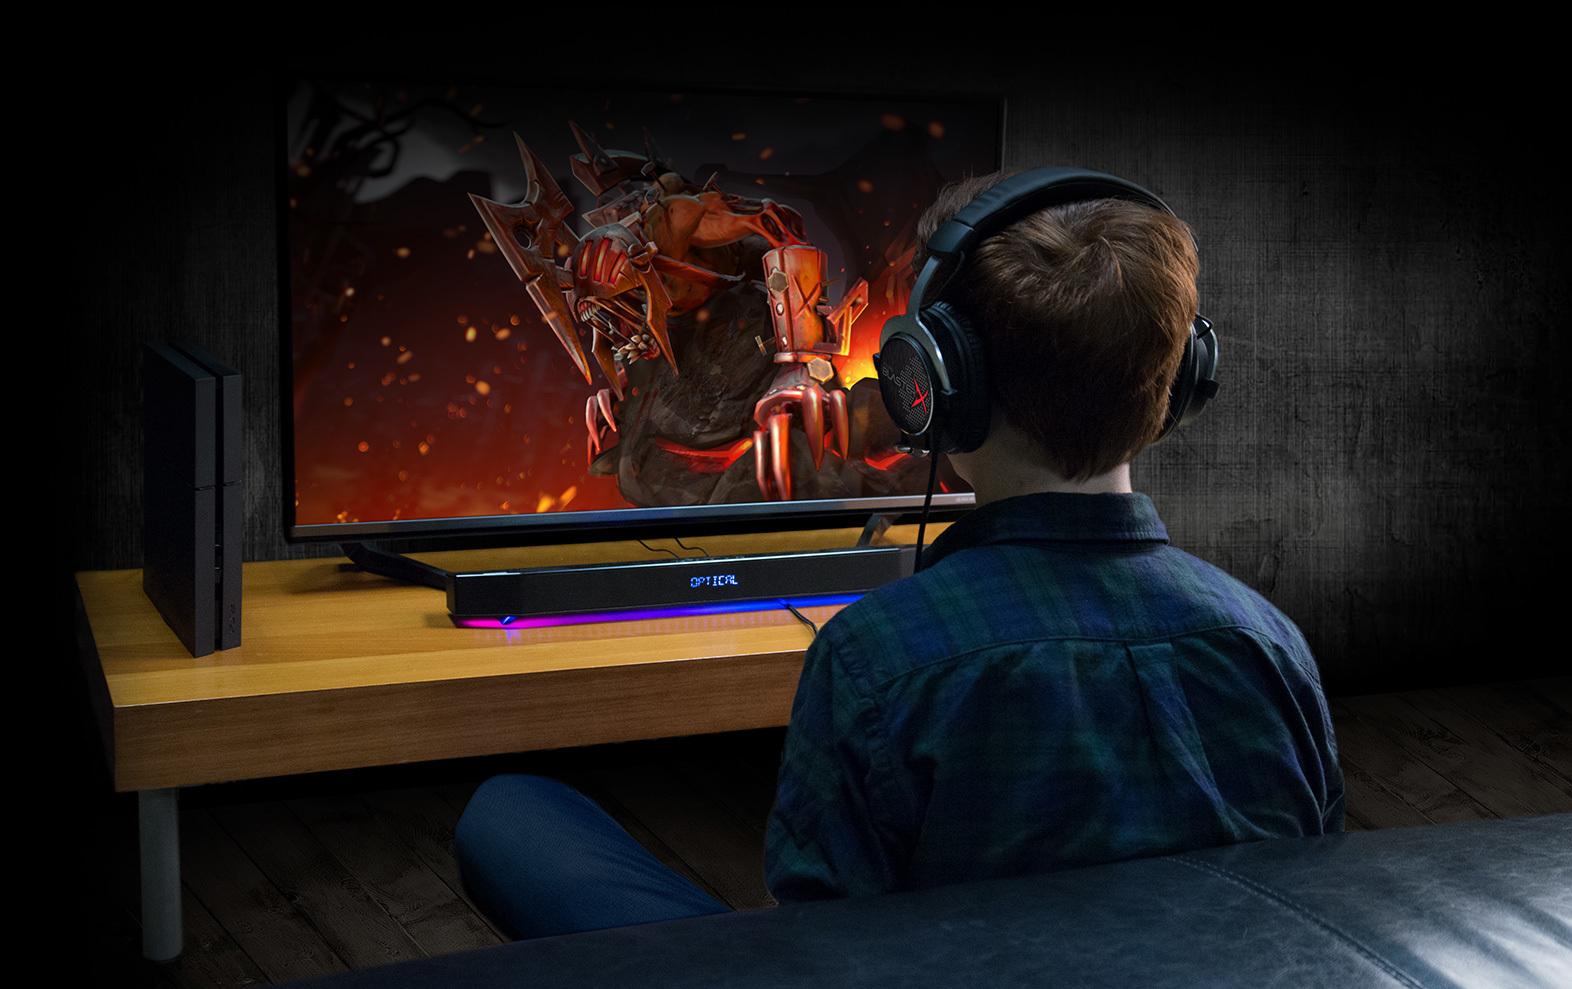 Creative Sound BlasterX Katana image